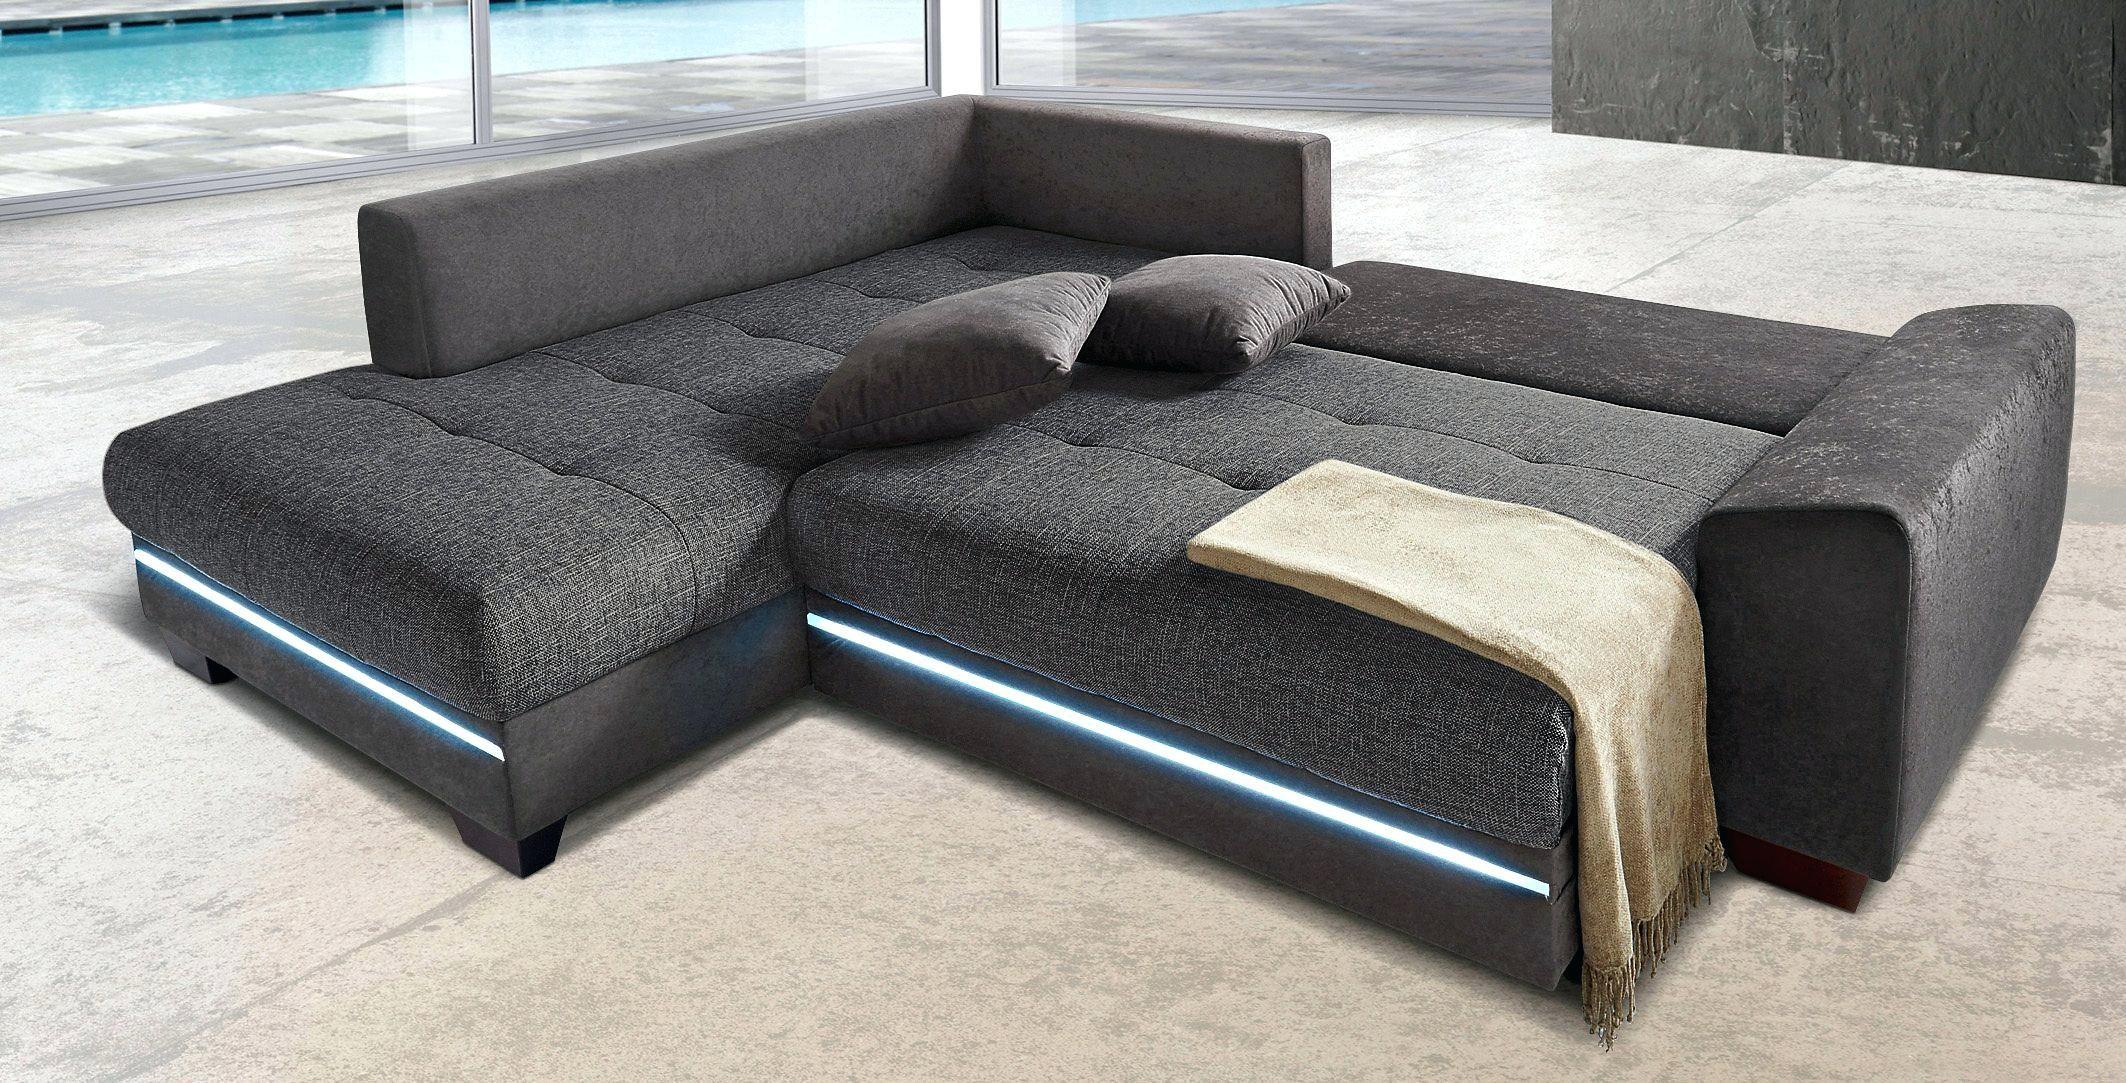 Full Size of Sofa Mit Musikboxen Big Lautsprecher Integriertem Couch Poco Und Licht Led Bluetooth Eingebauten Lautsprechern Konfigurator Schlafzimmer überbau Elektrischer Wohnzimmer Sofa Mit Musikboxen